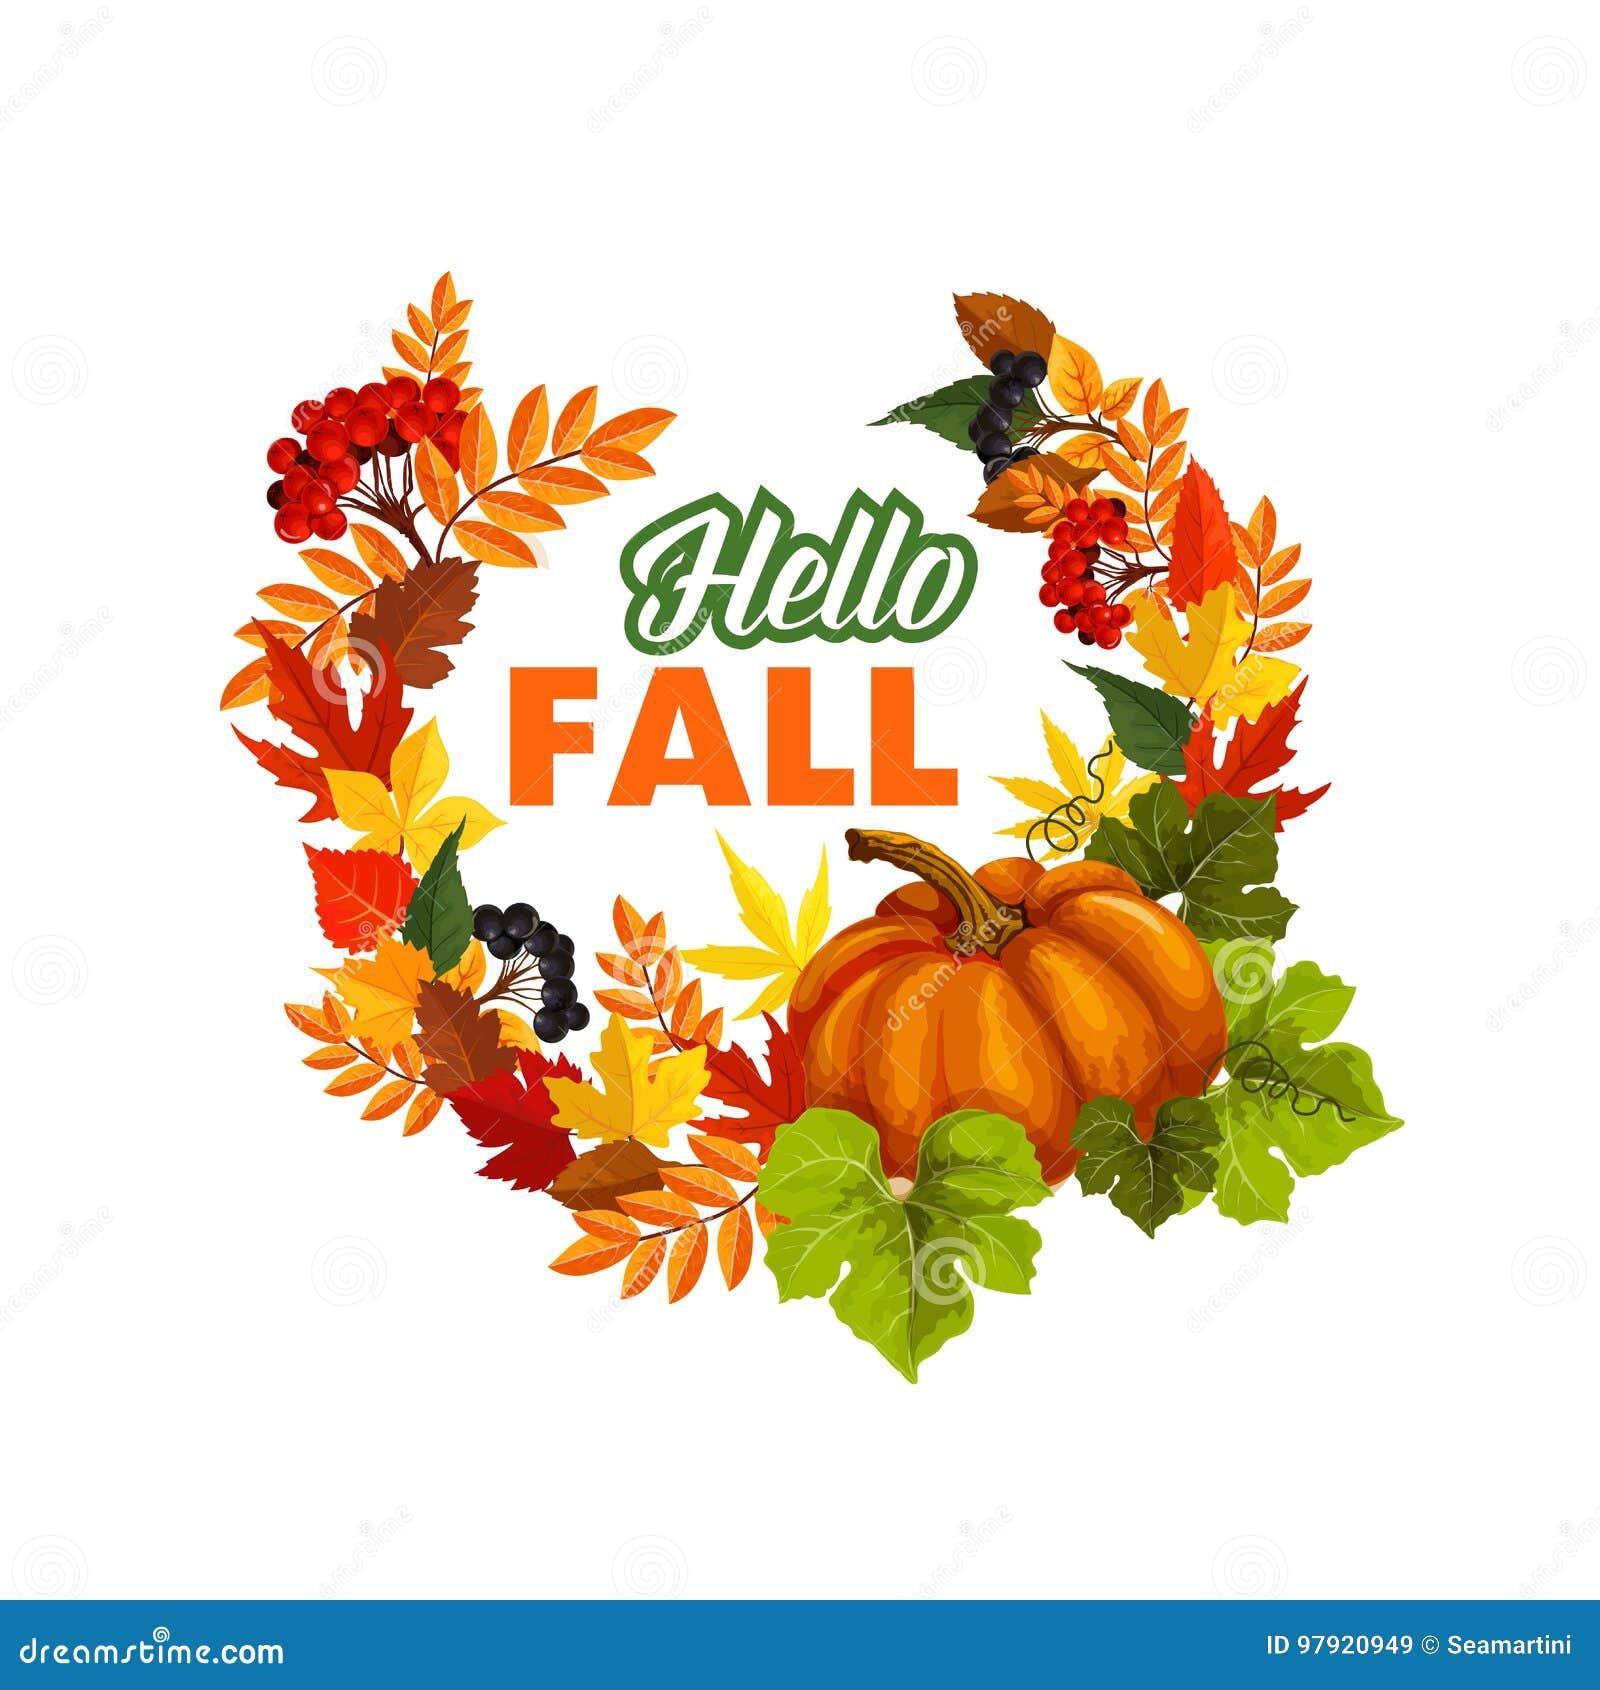 Ο χρόνος φθινοπώρου γειά σου πέφτει διανυσματική αφίσα χαιρετισμού